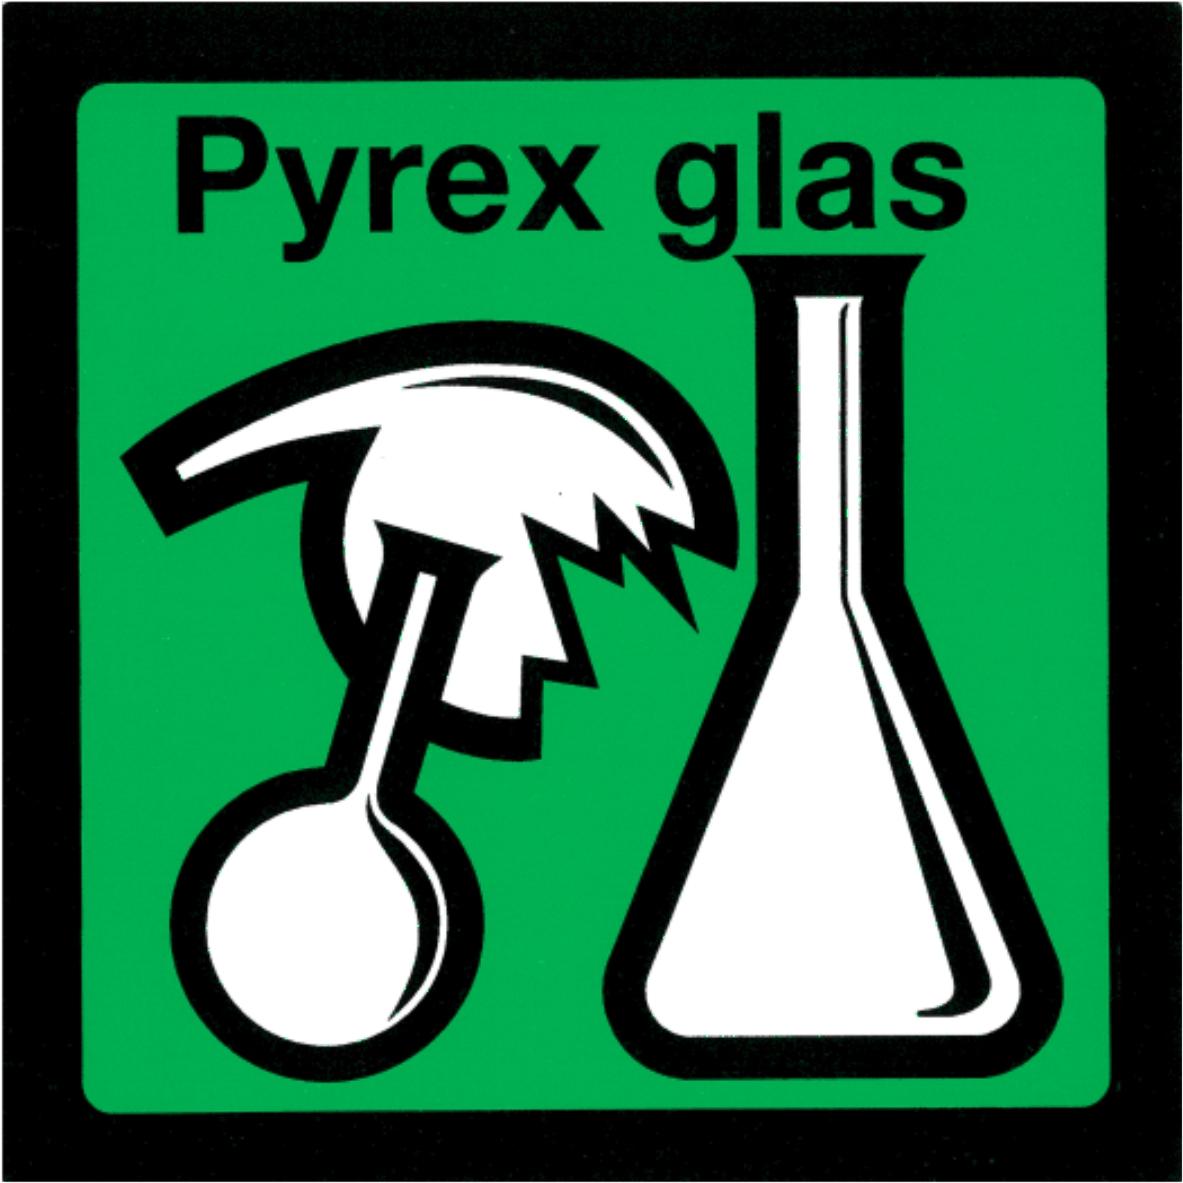 Pyrex glas